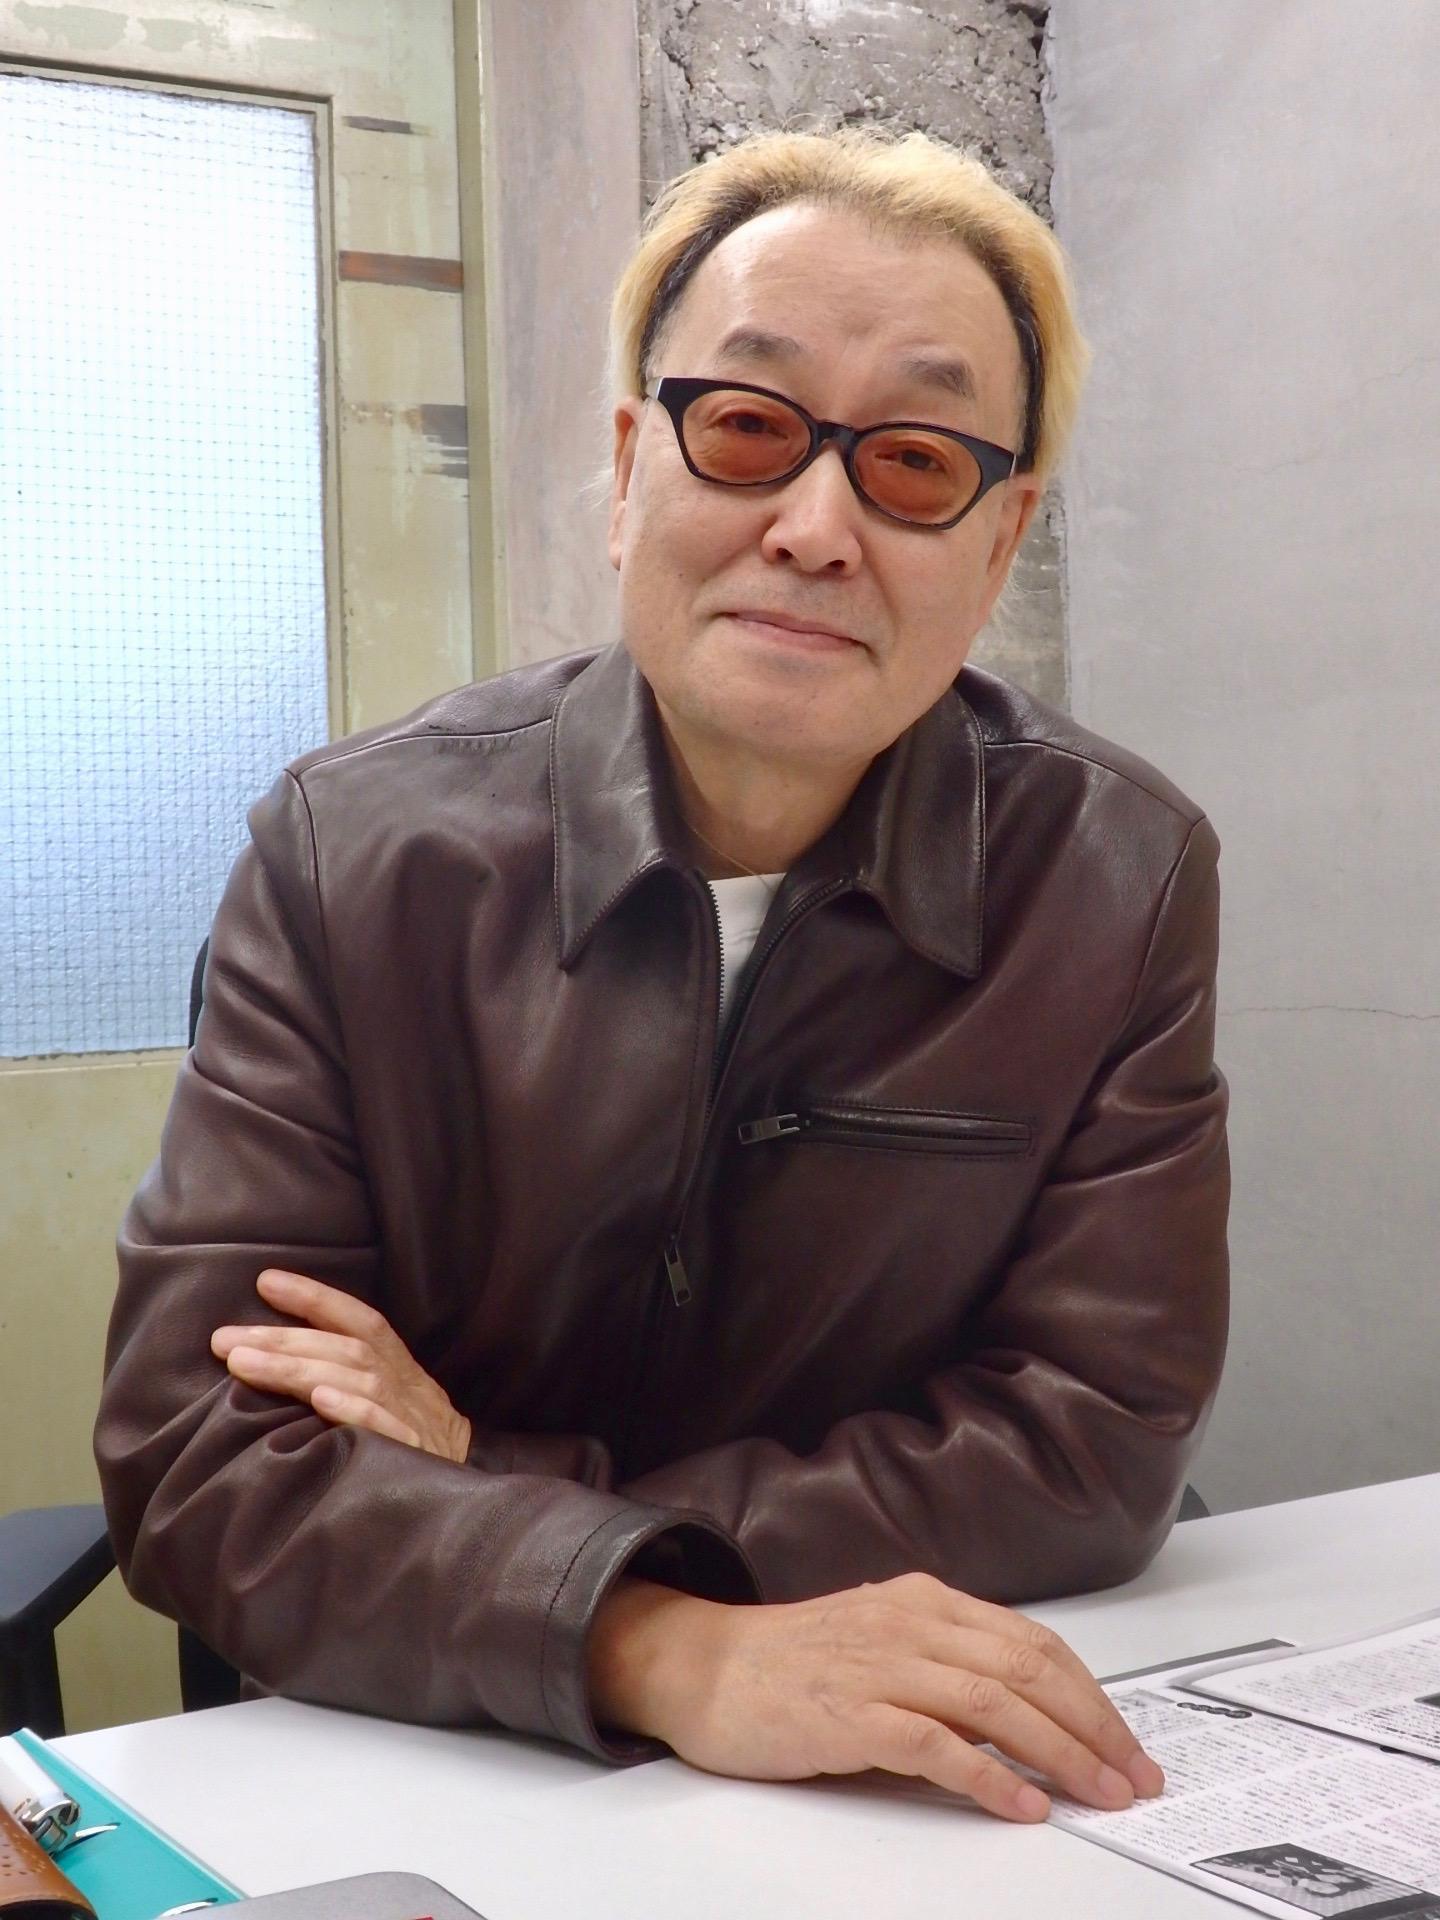 http://news.yoshimoto.co.jp/20181129235829-7fe59b79dd822d099c6ea94191c7412ab9c51d68.jpeg